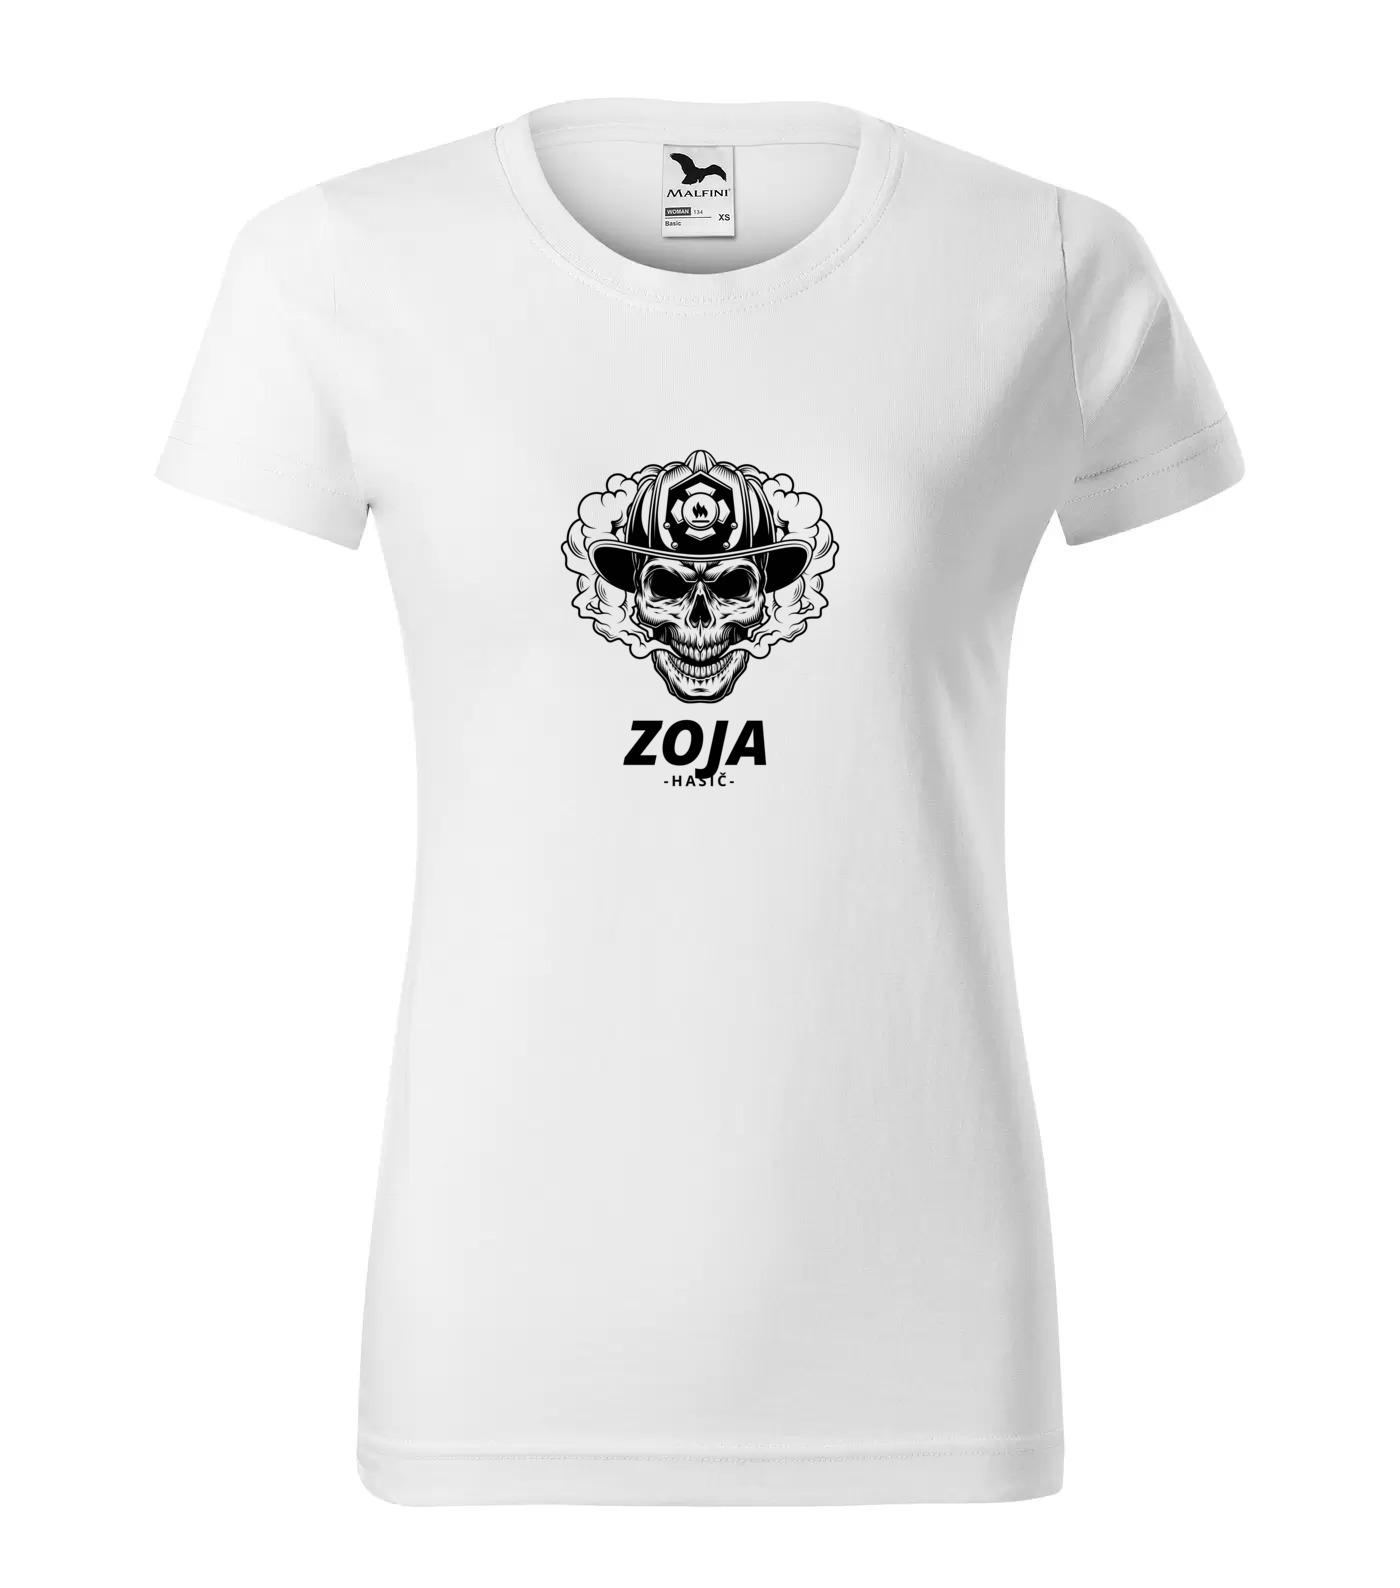 Tričko Hasič Zoja